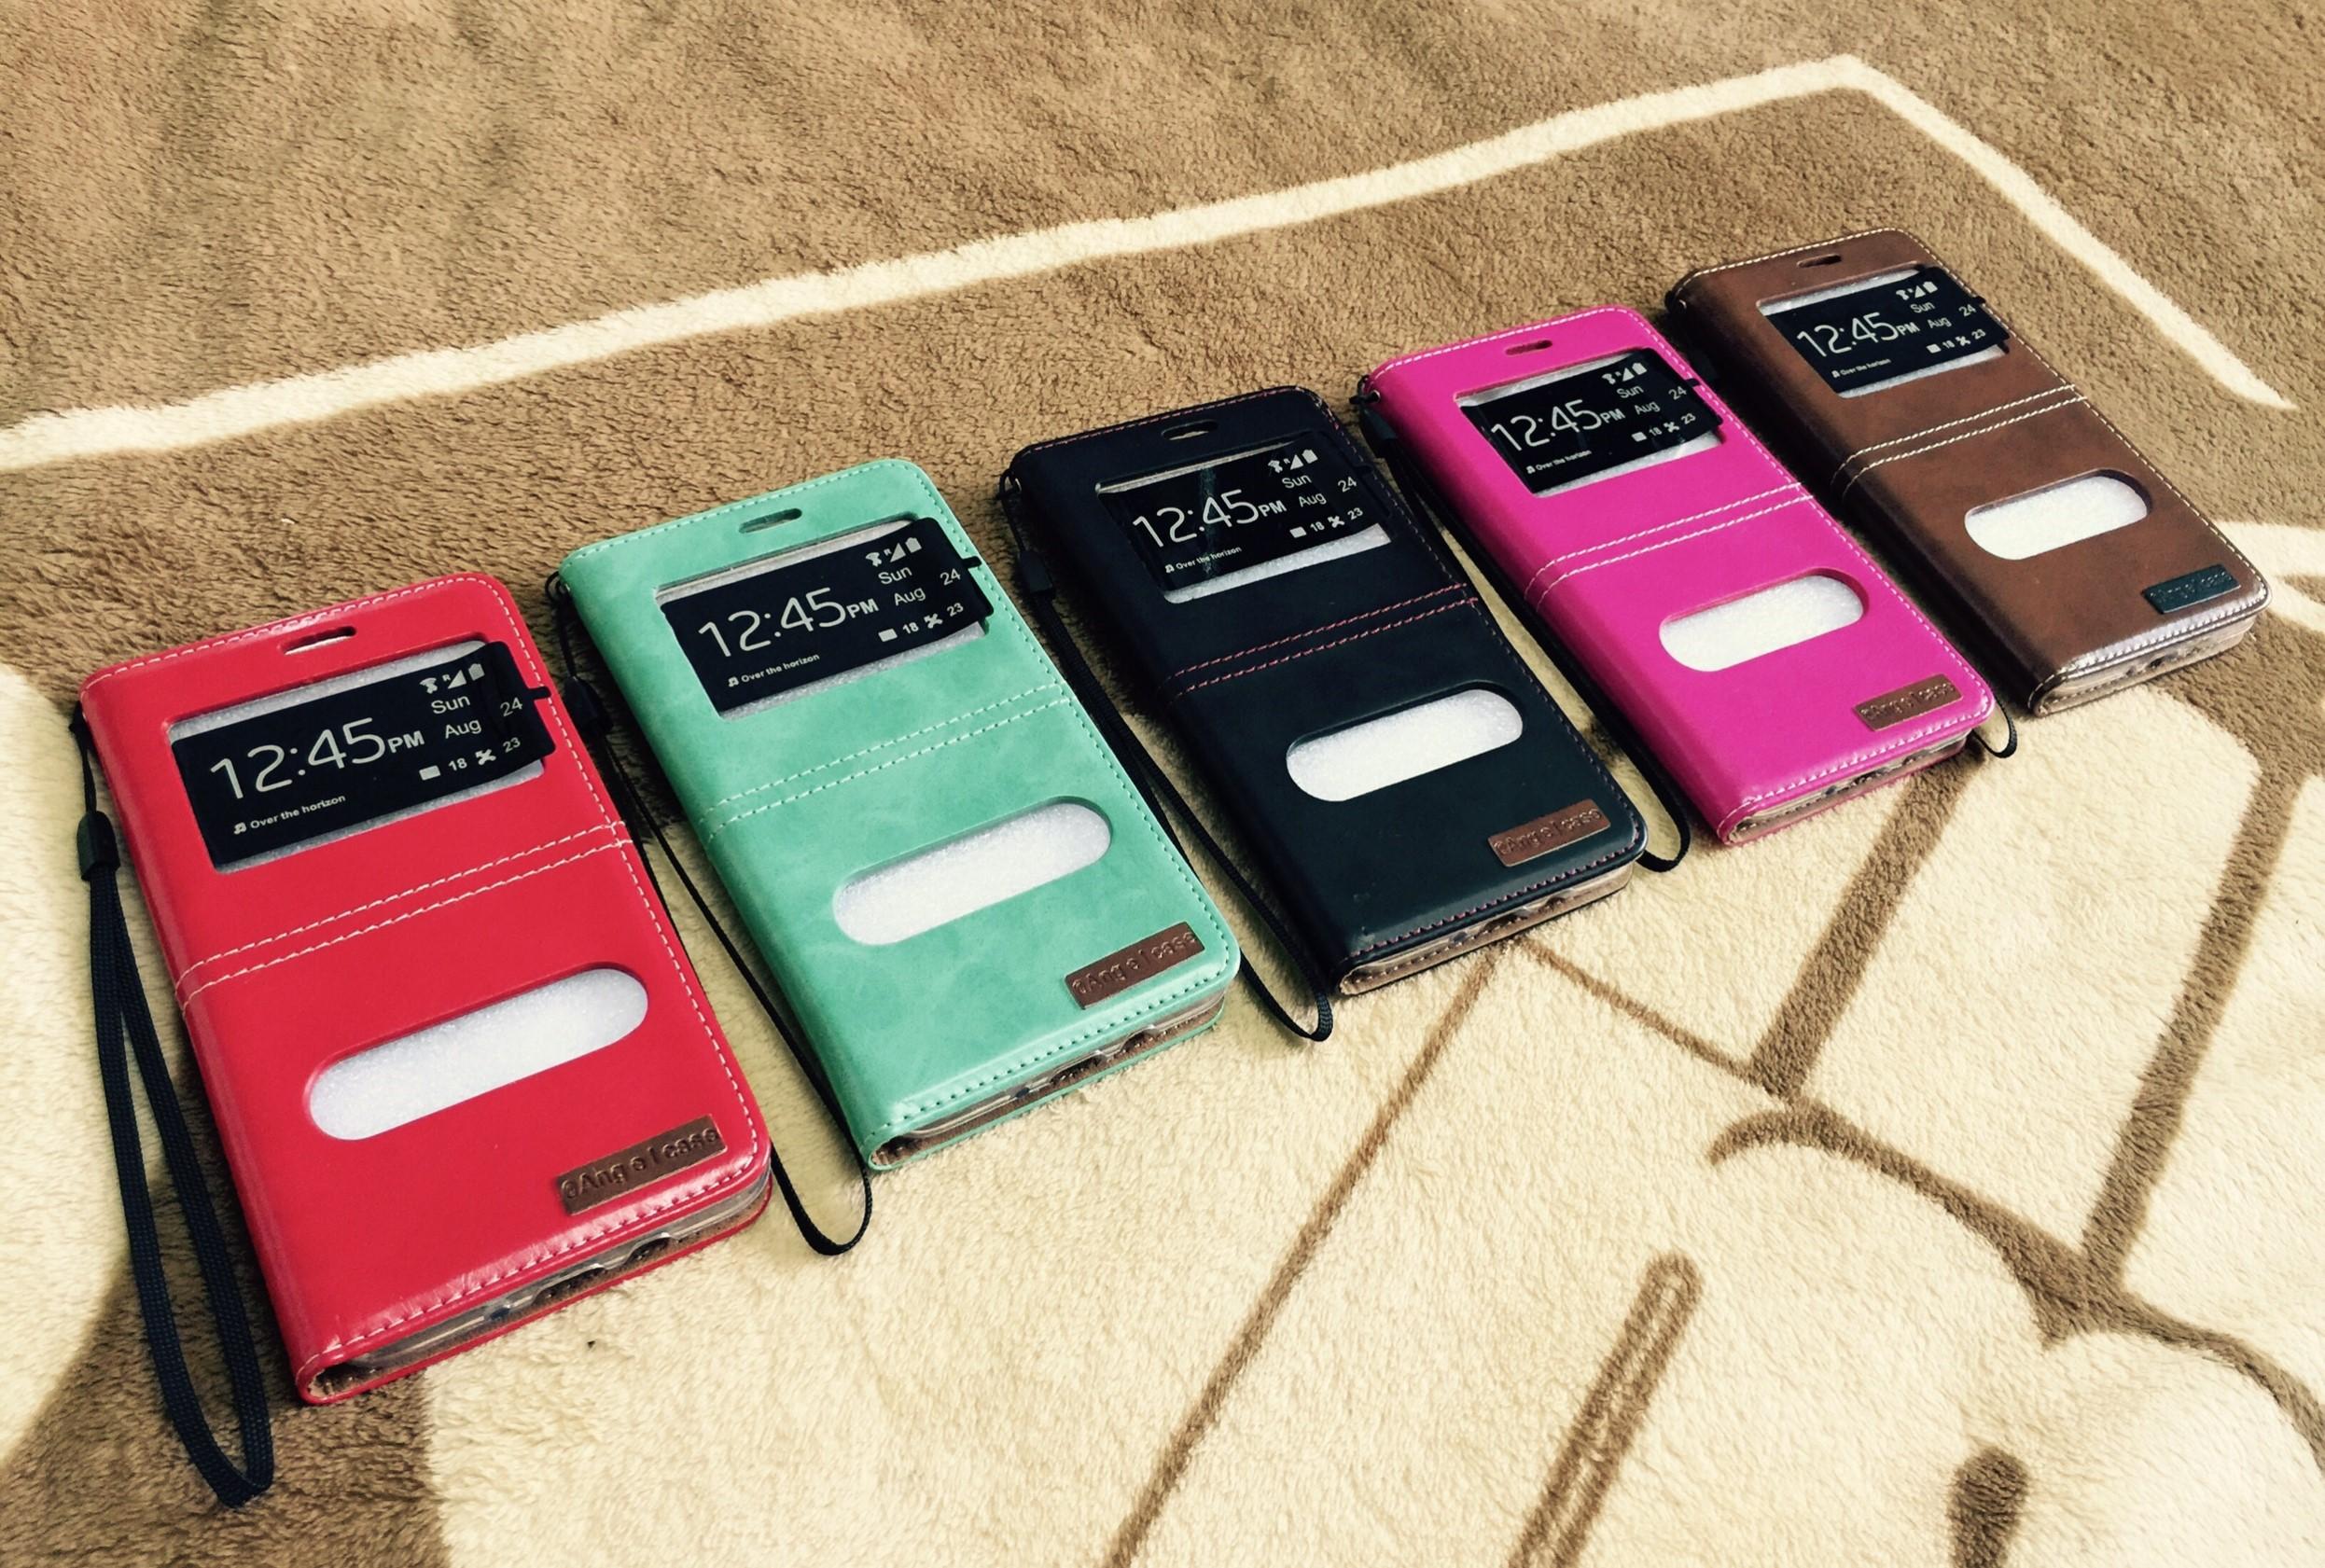 เคสเปิด-ปิด Angel Case iphone6/6s (ทัชรับสายได้ มีแม่เหล็กในตัว)